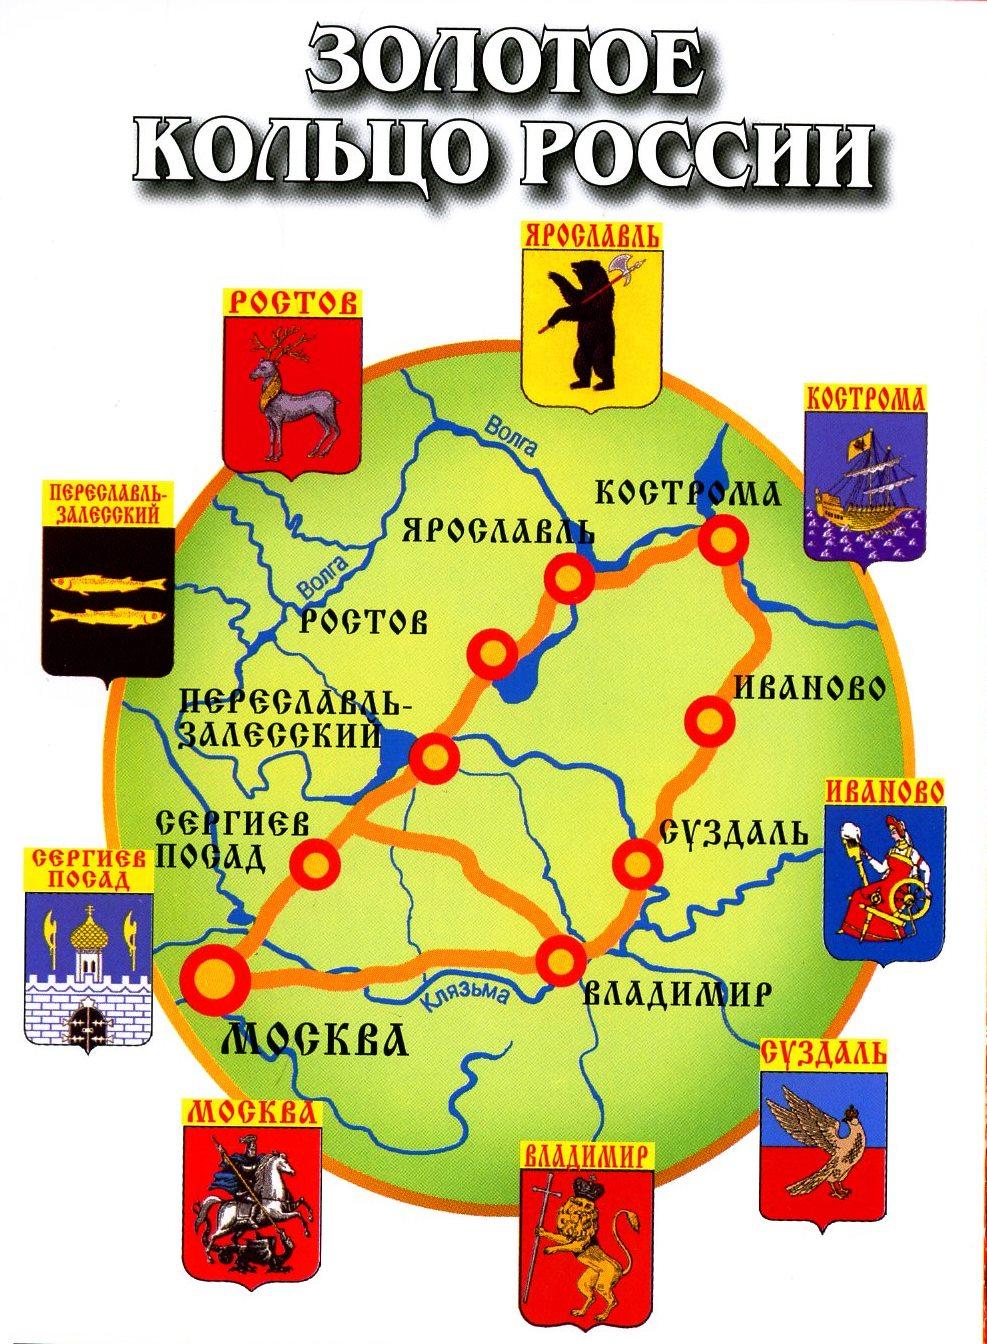 Золотое кольцо россии: какие города входят и что посмотреть